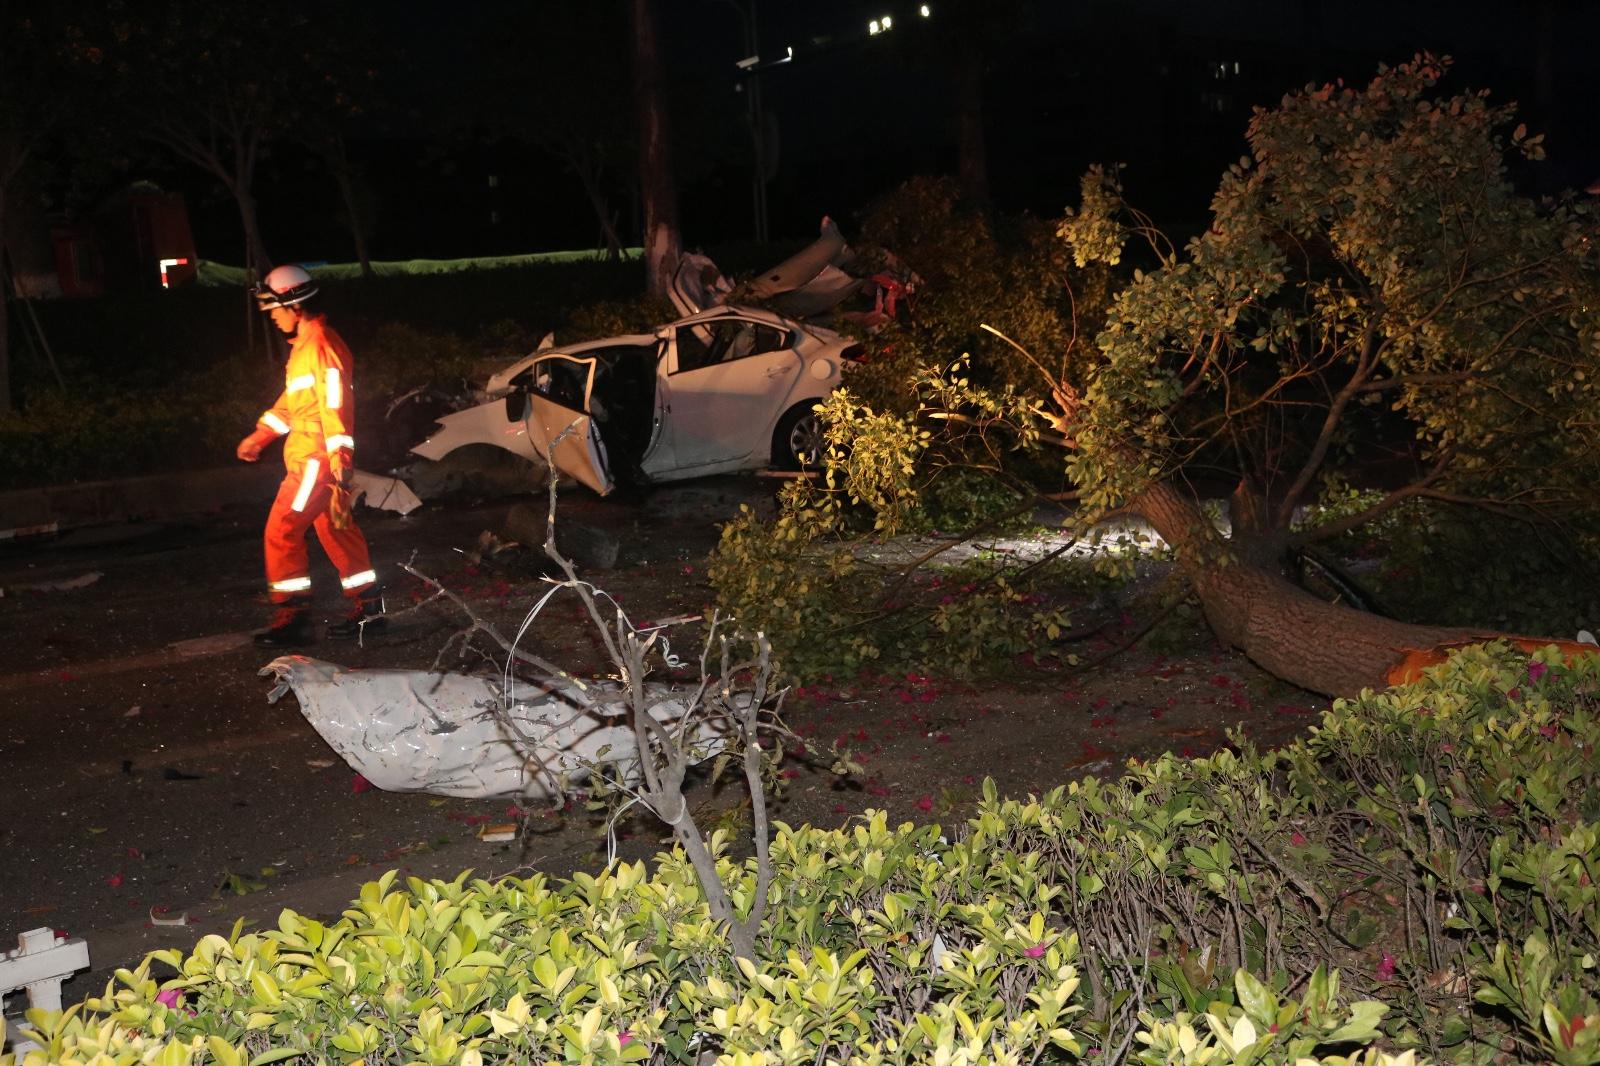 泉州石狮一交通事故致3死2伤  驾驶员有醉驾嫌疑